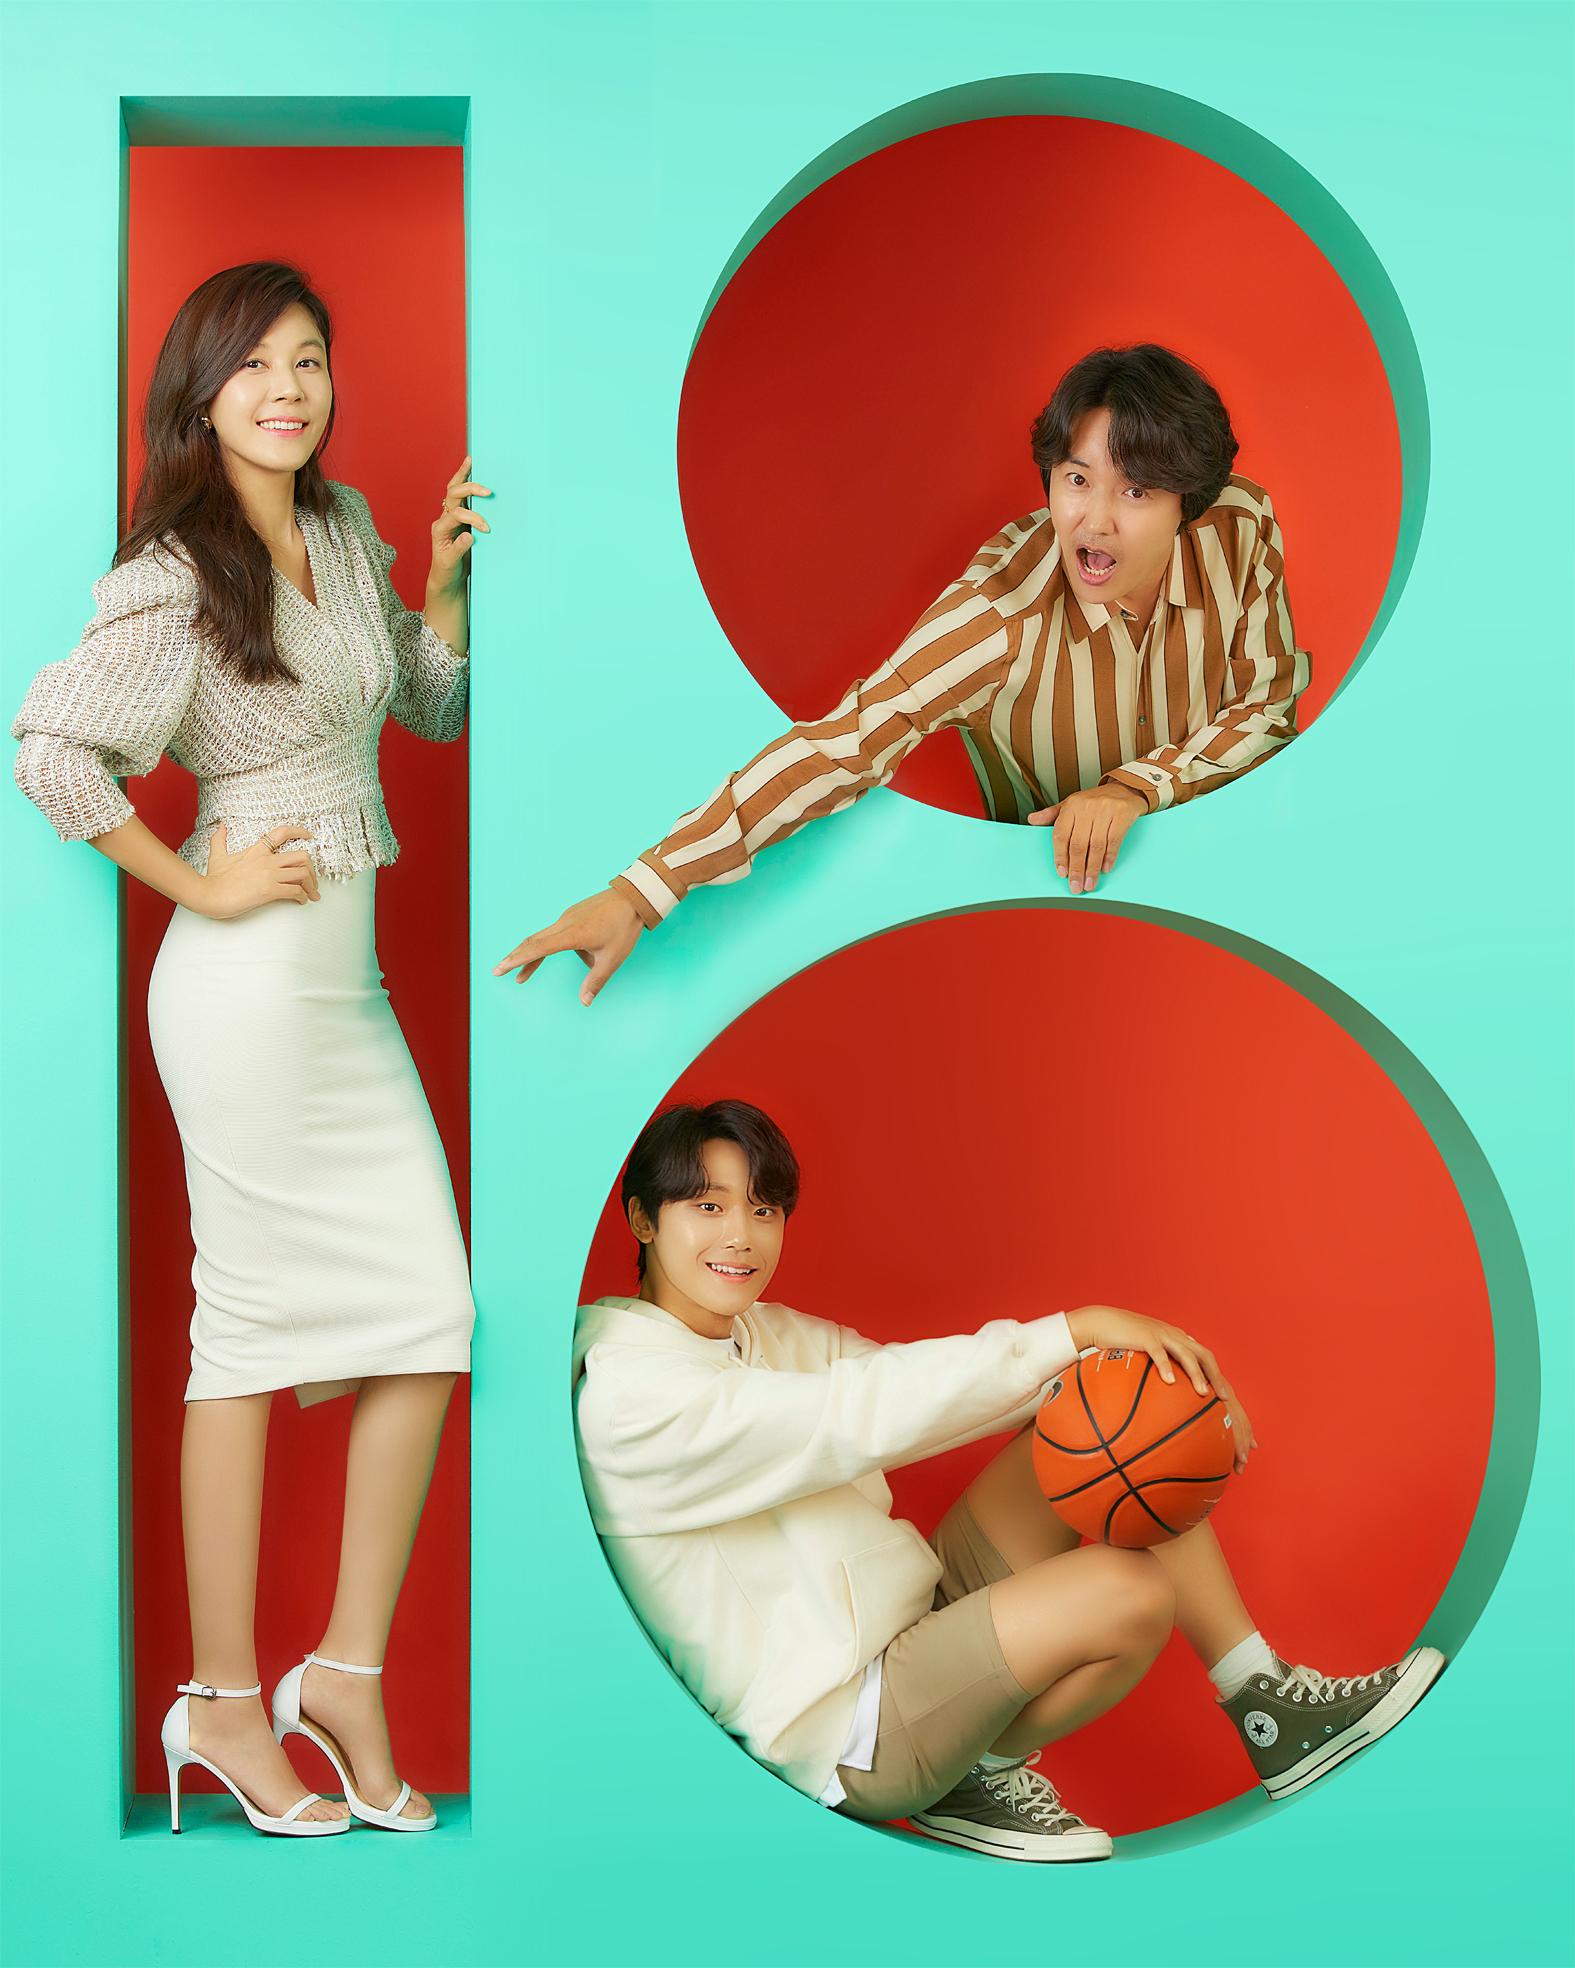 韓流・行く年来る年、知っておきたいドラマ、本、アーティスト!_1_4-1